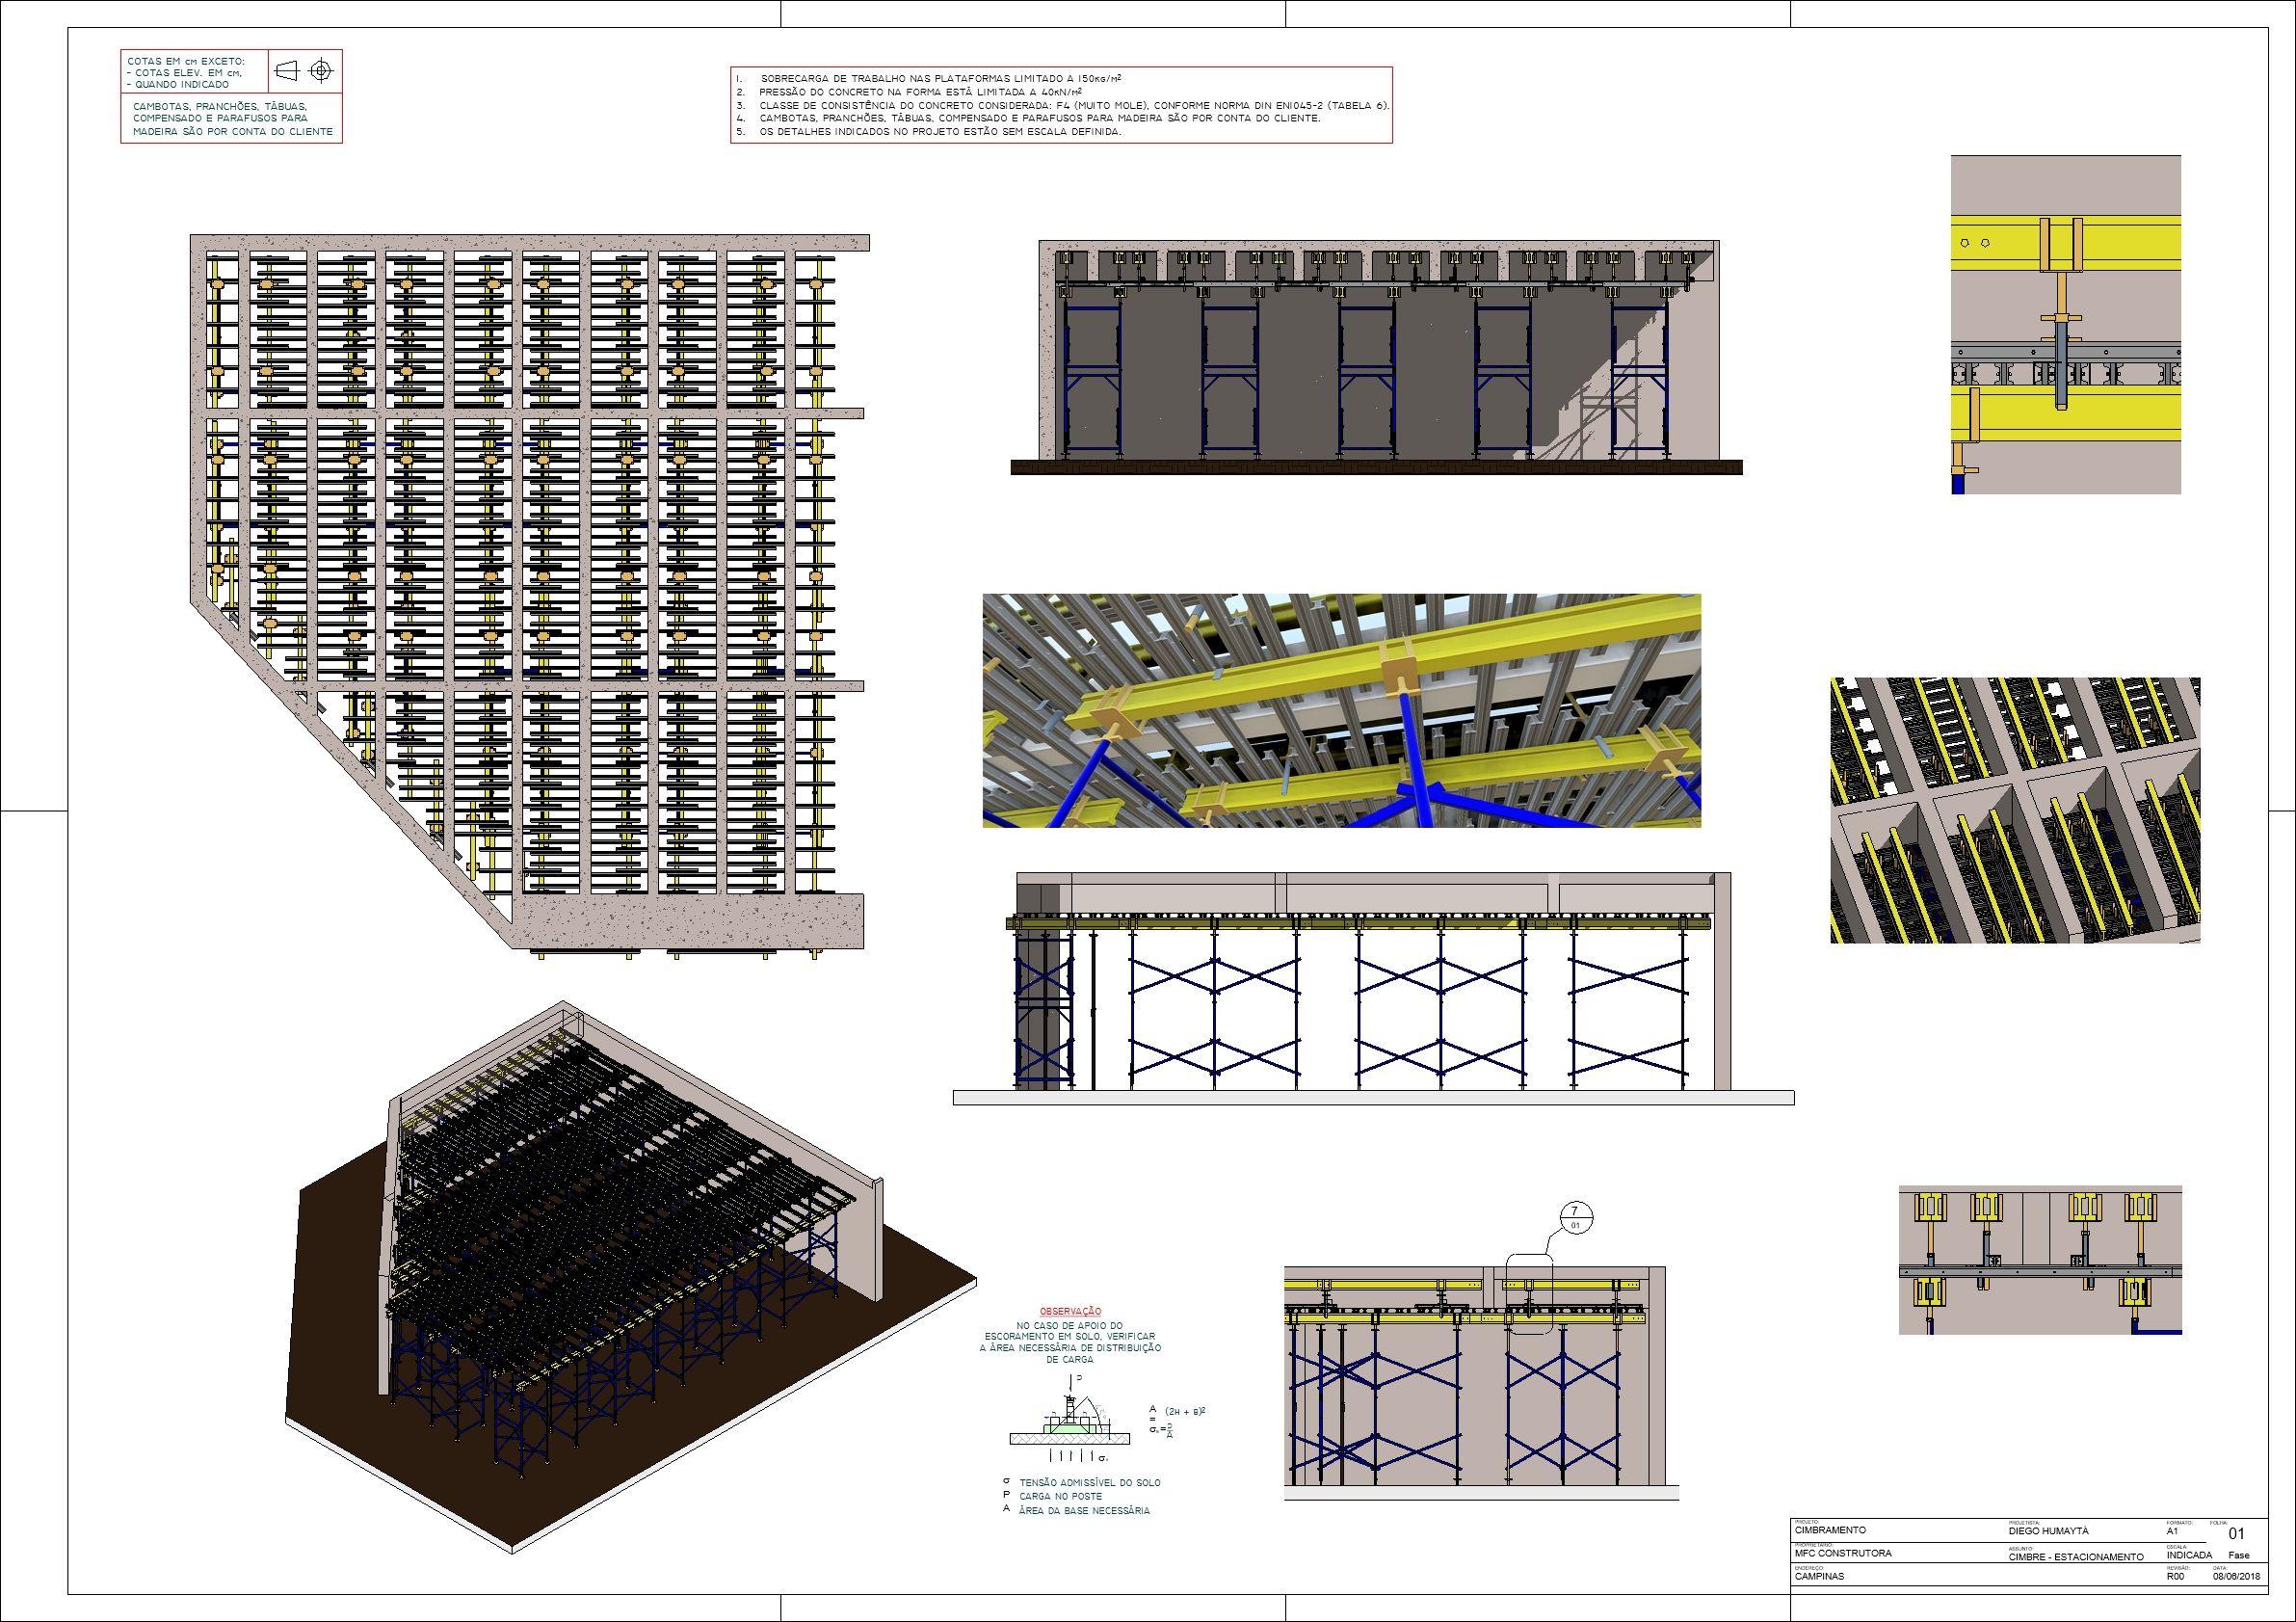 001-r00-acp-cimbramento-viga-e-laje-estacionamento-3500-3500